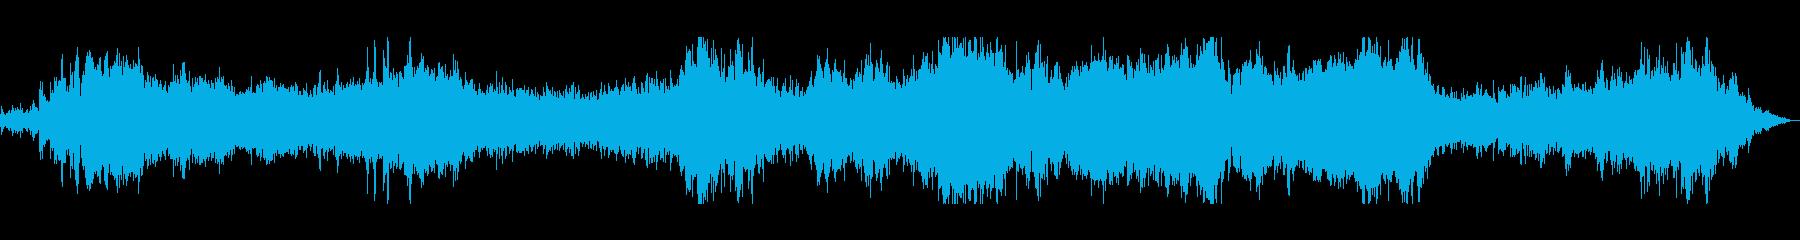 ジェットスキー離陸の再生済みの波形